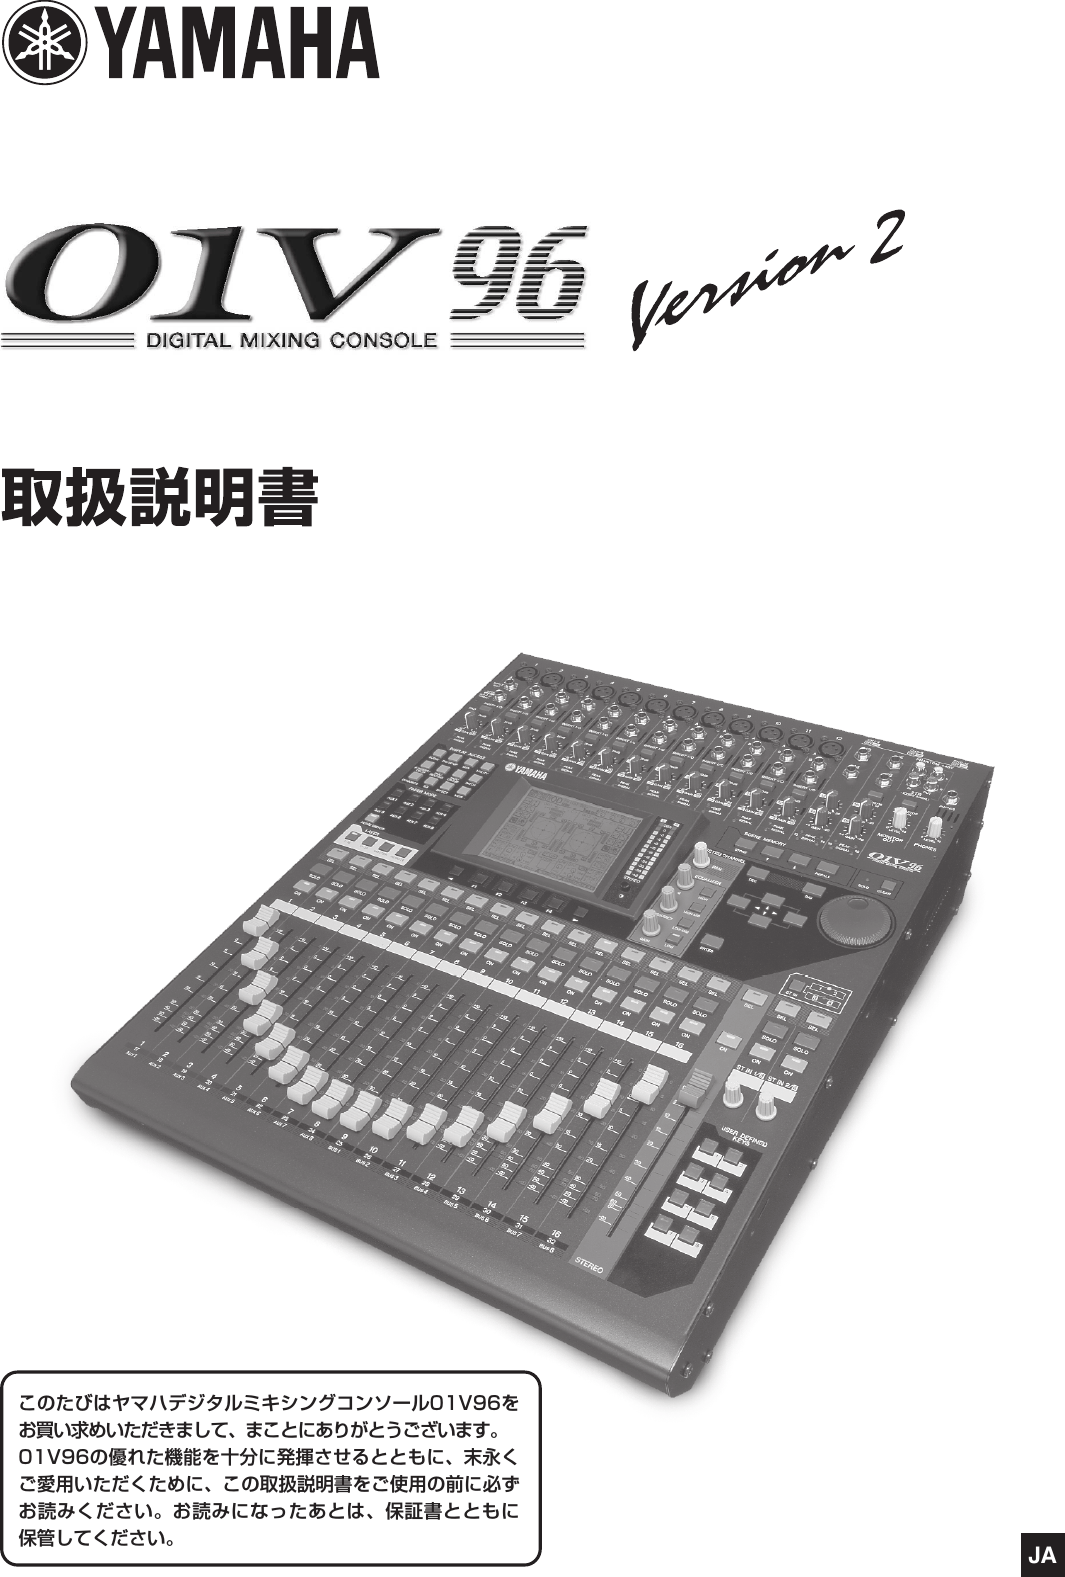 Yamaha 01v96v2 01v96v2 Ja Om F0